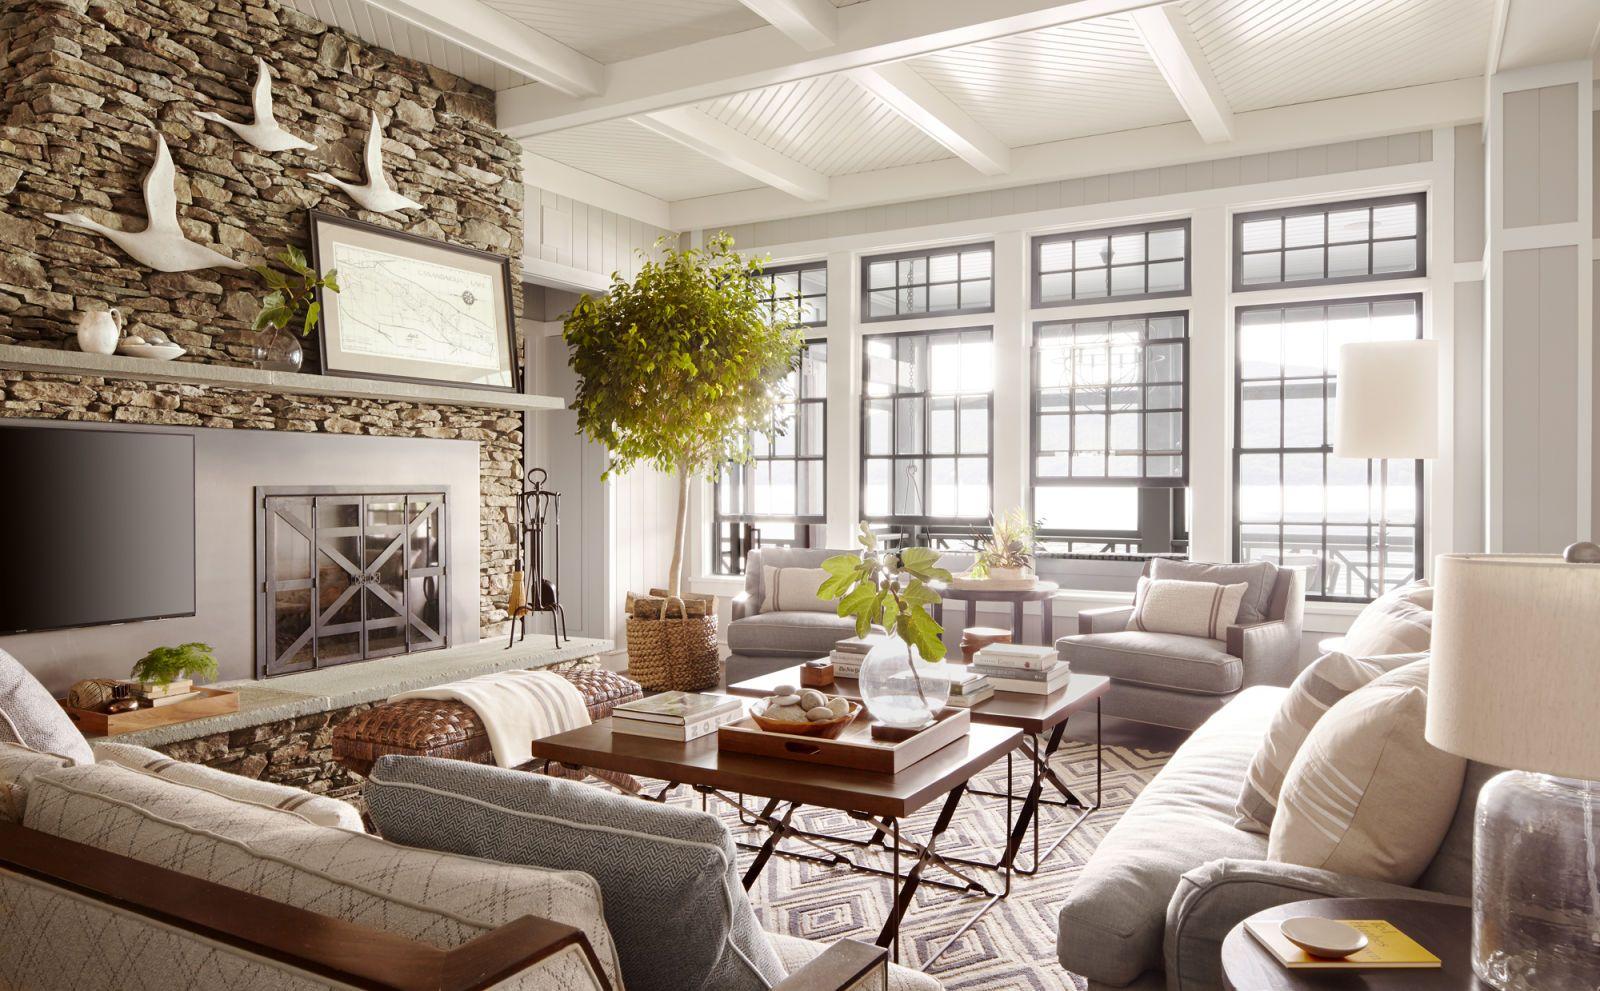 image & Thom Felicia Upstate New York Lake House - Lake House Decorating Ideas